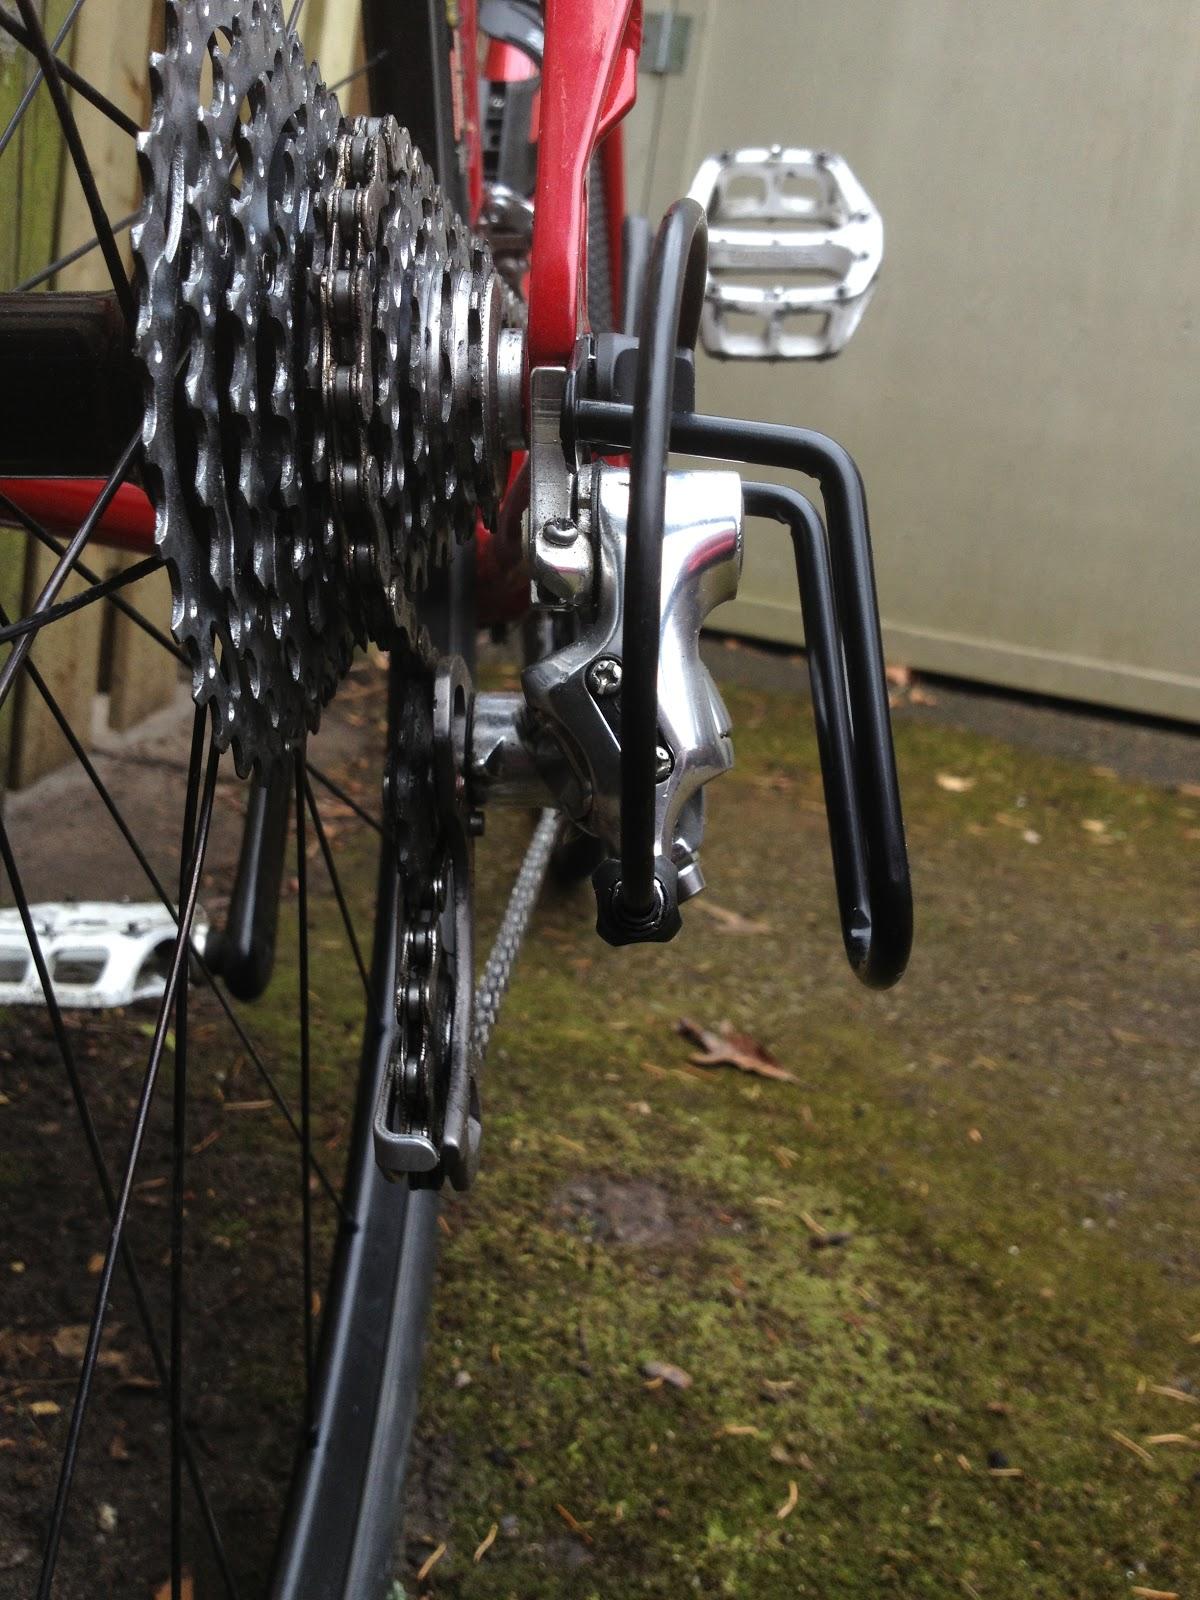 BIKEFX: BEST BICYCLE ACCESSORY: Rear Derailleur Hanger